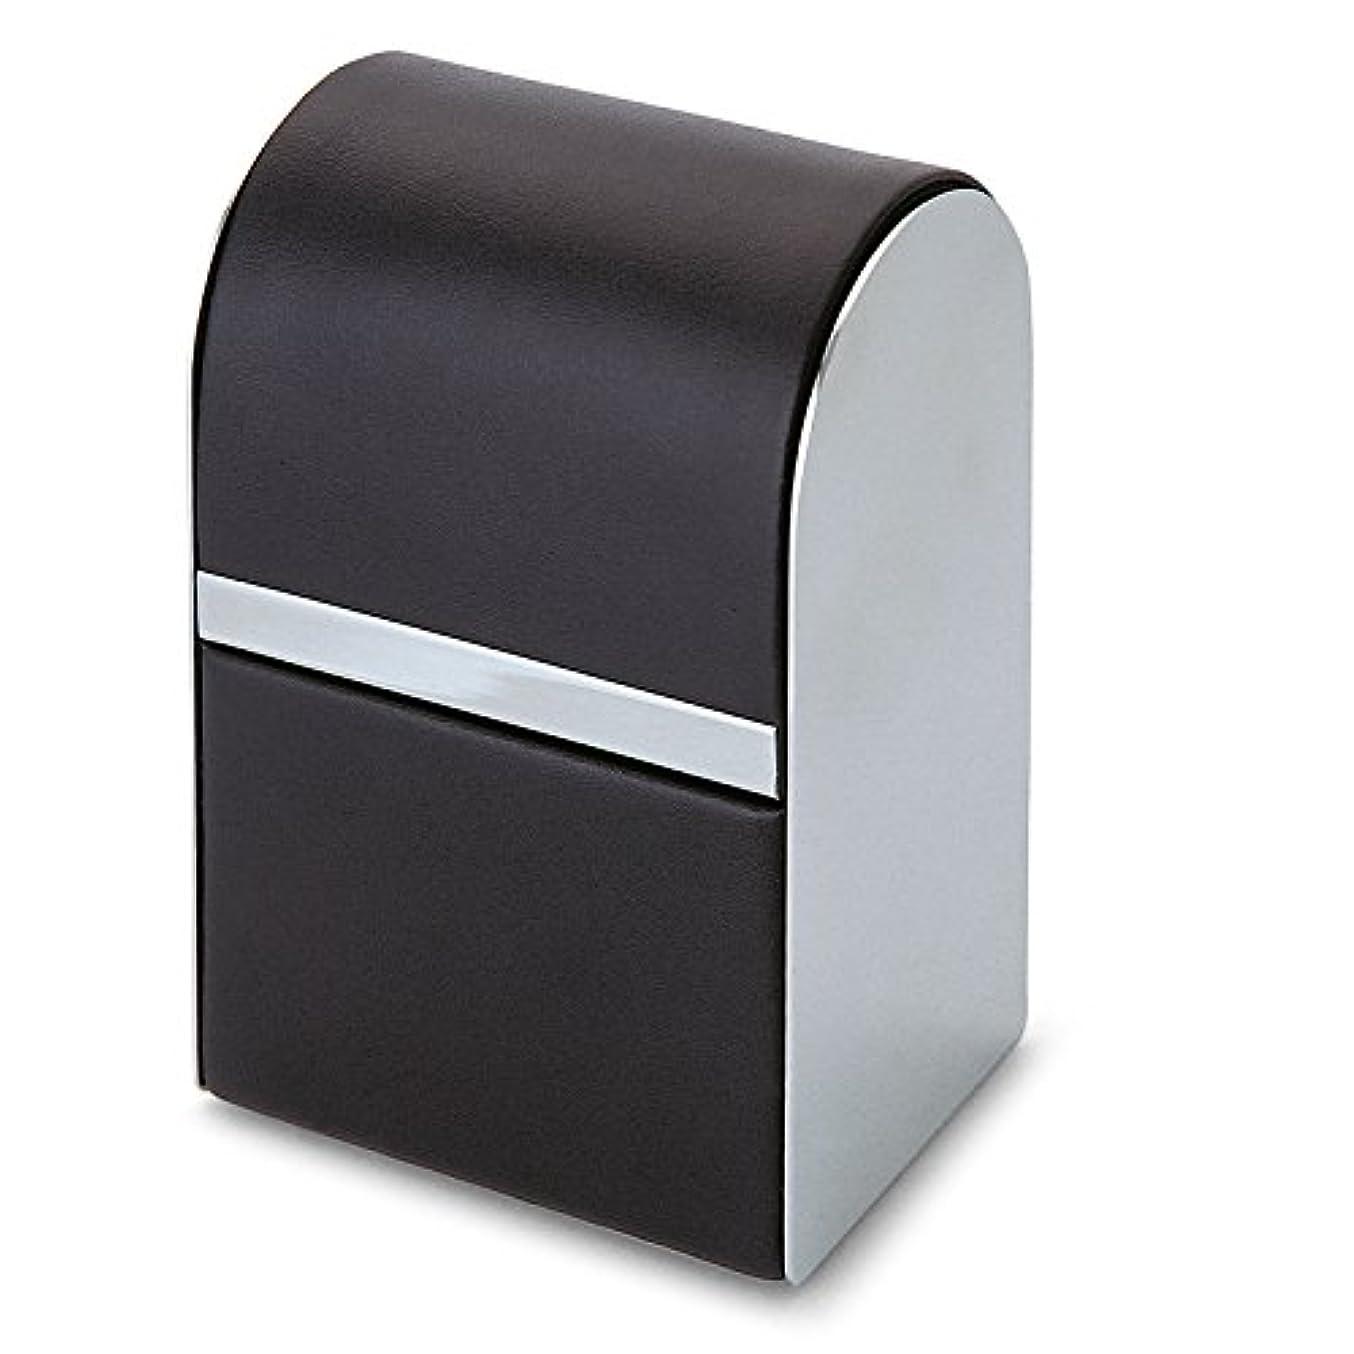 ダンプ関係ない専制Philippi Giorgio メンズ身だしなみキット 7pcsセット leather stainless polished